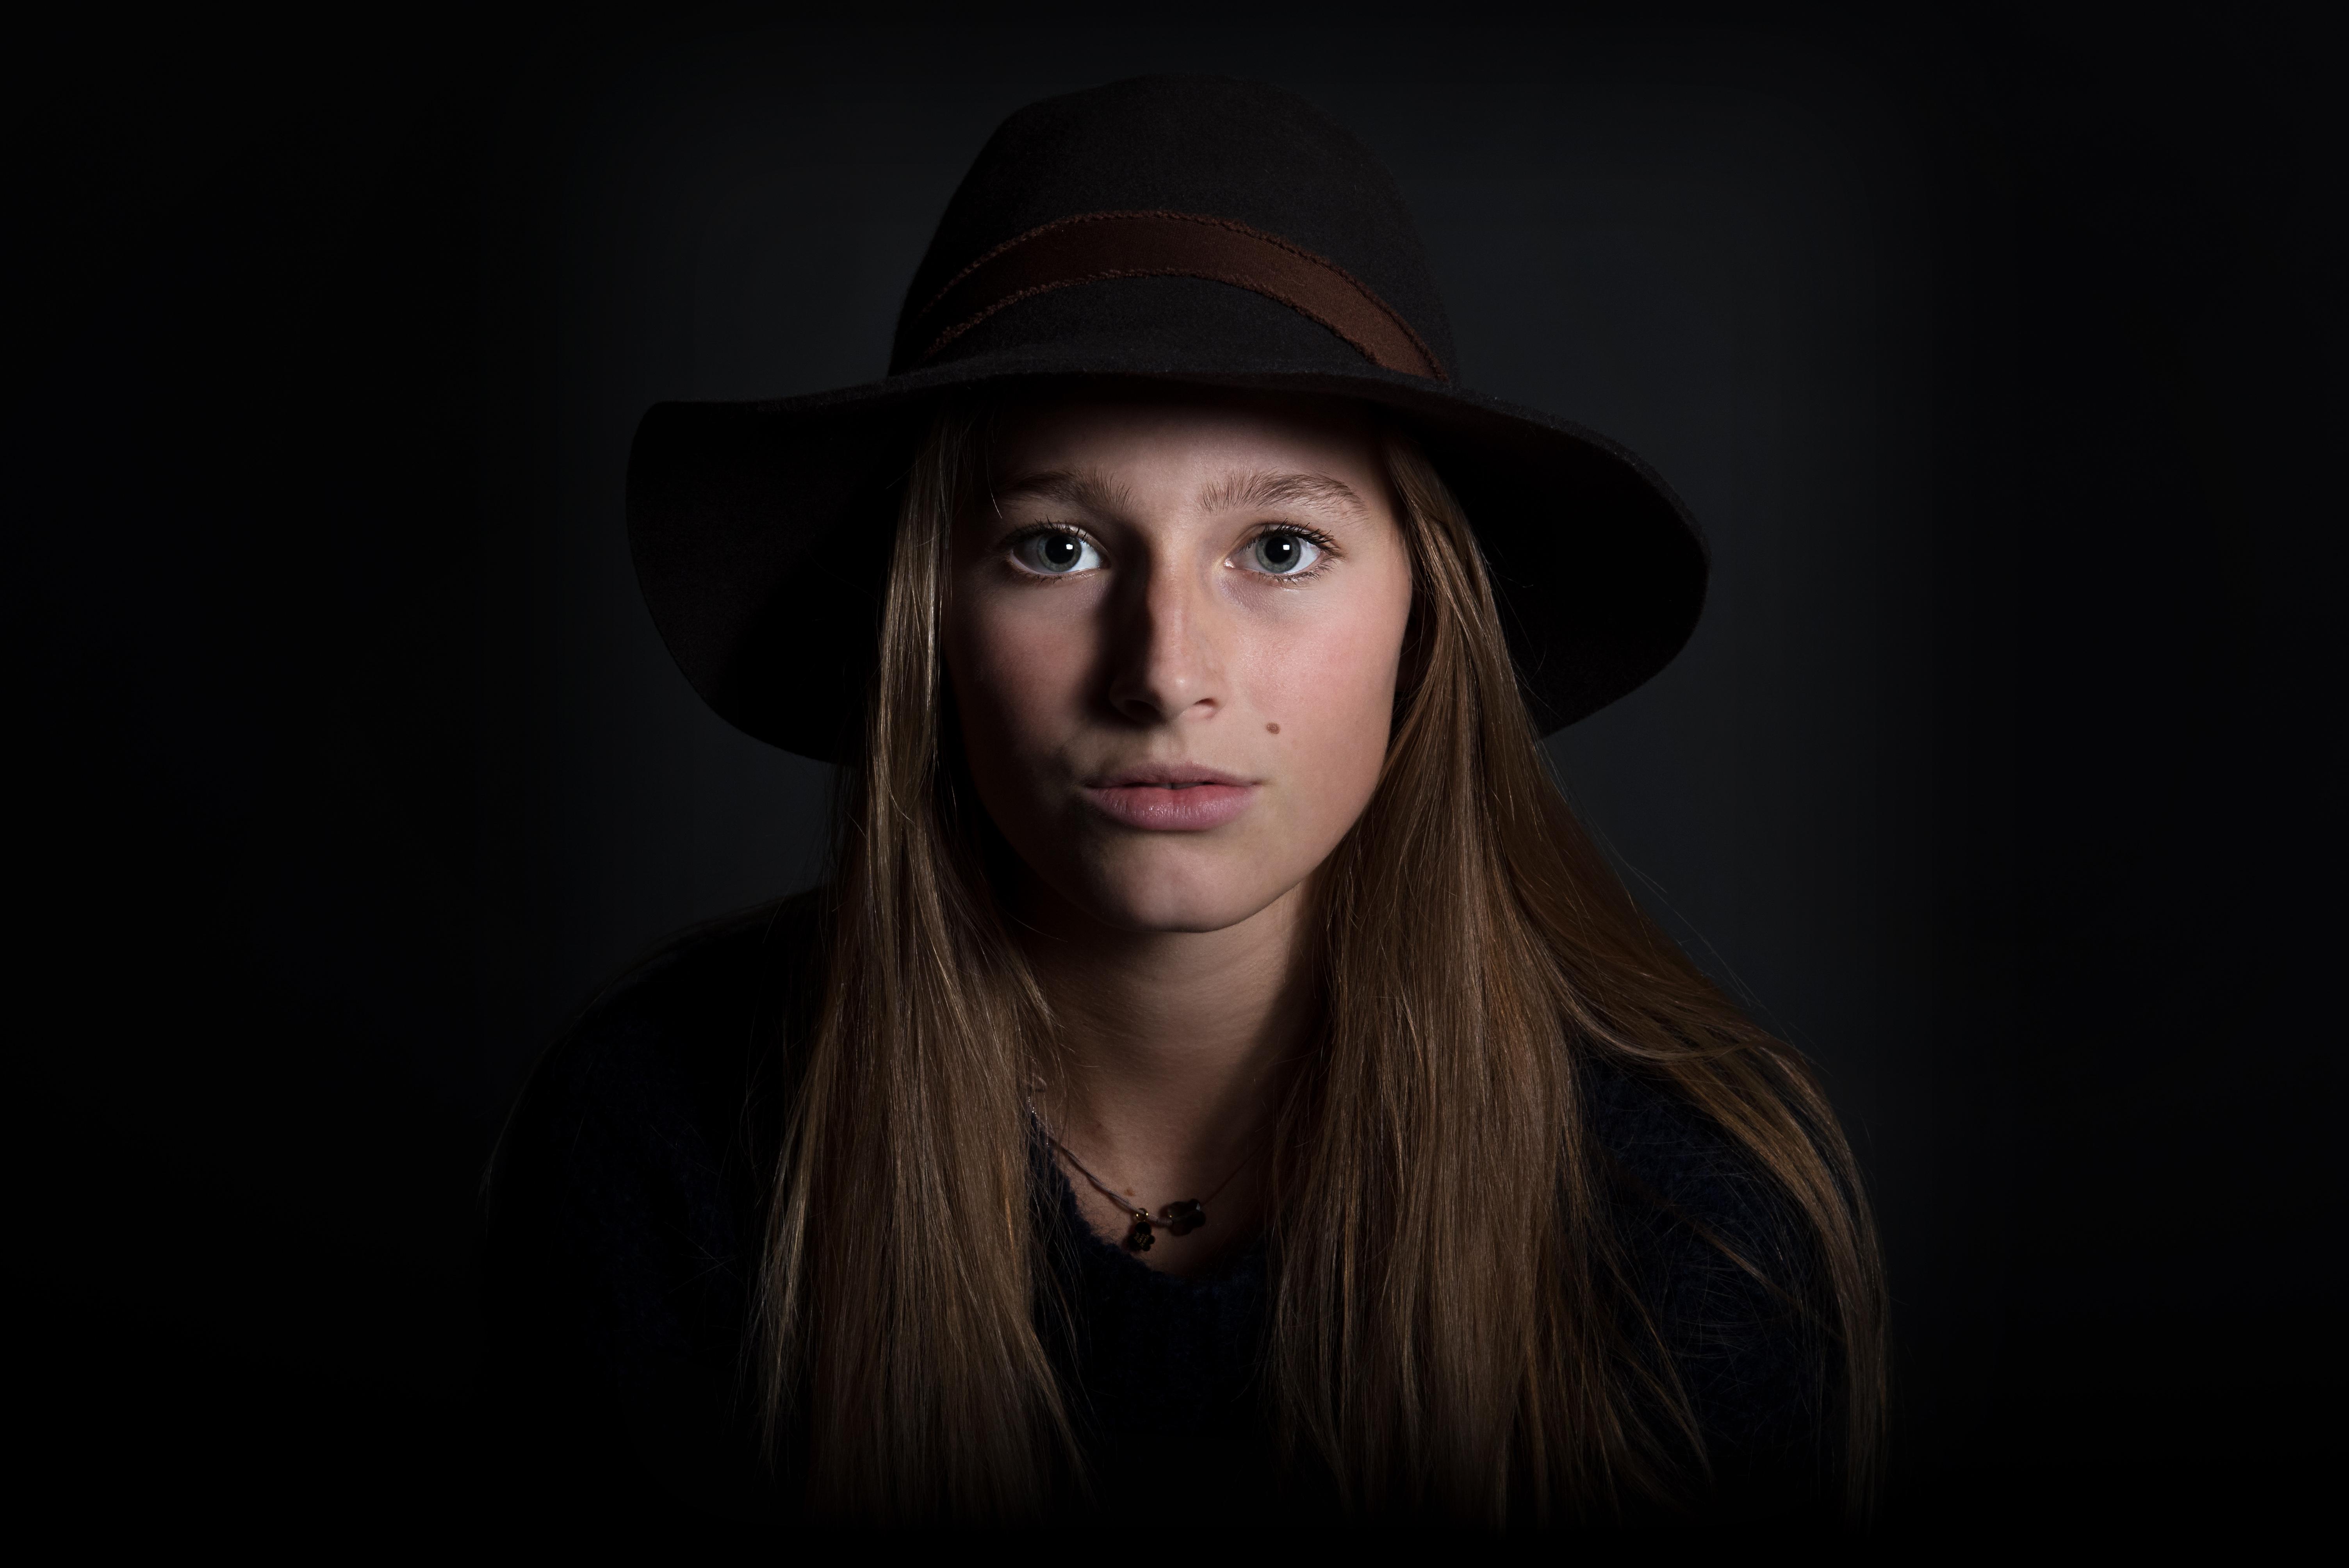 Girl 2017